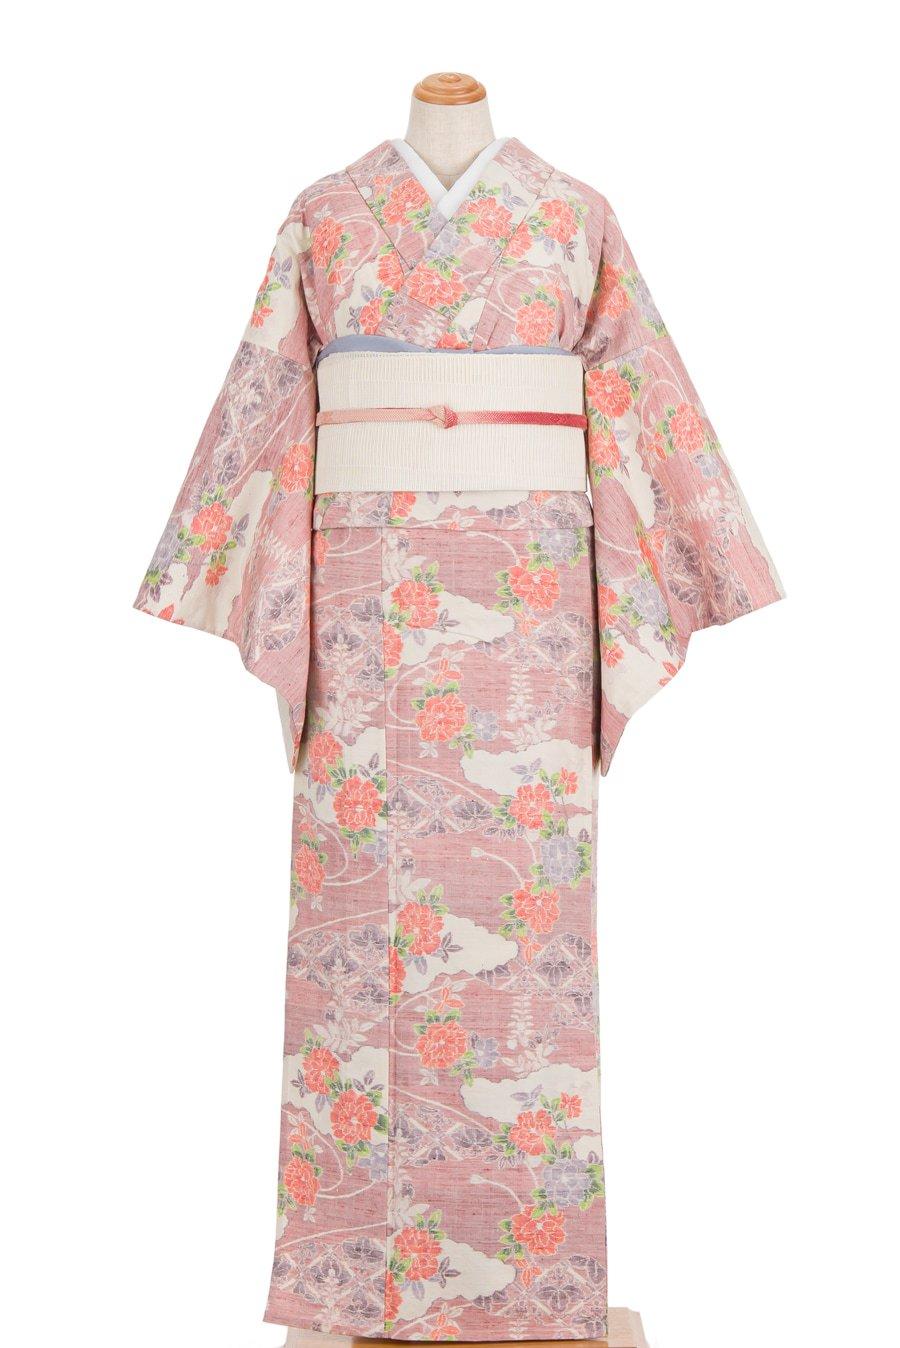 「単衣 紬 雲取りに菊や藤」の商品画像